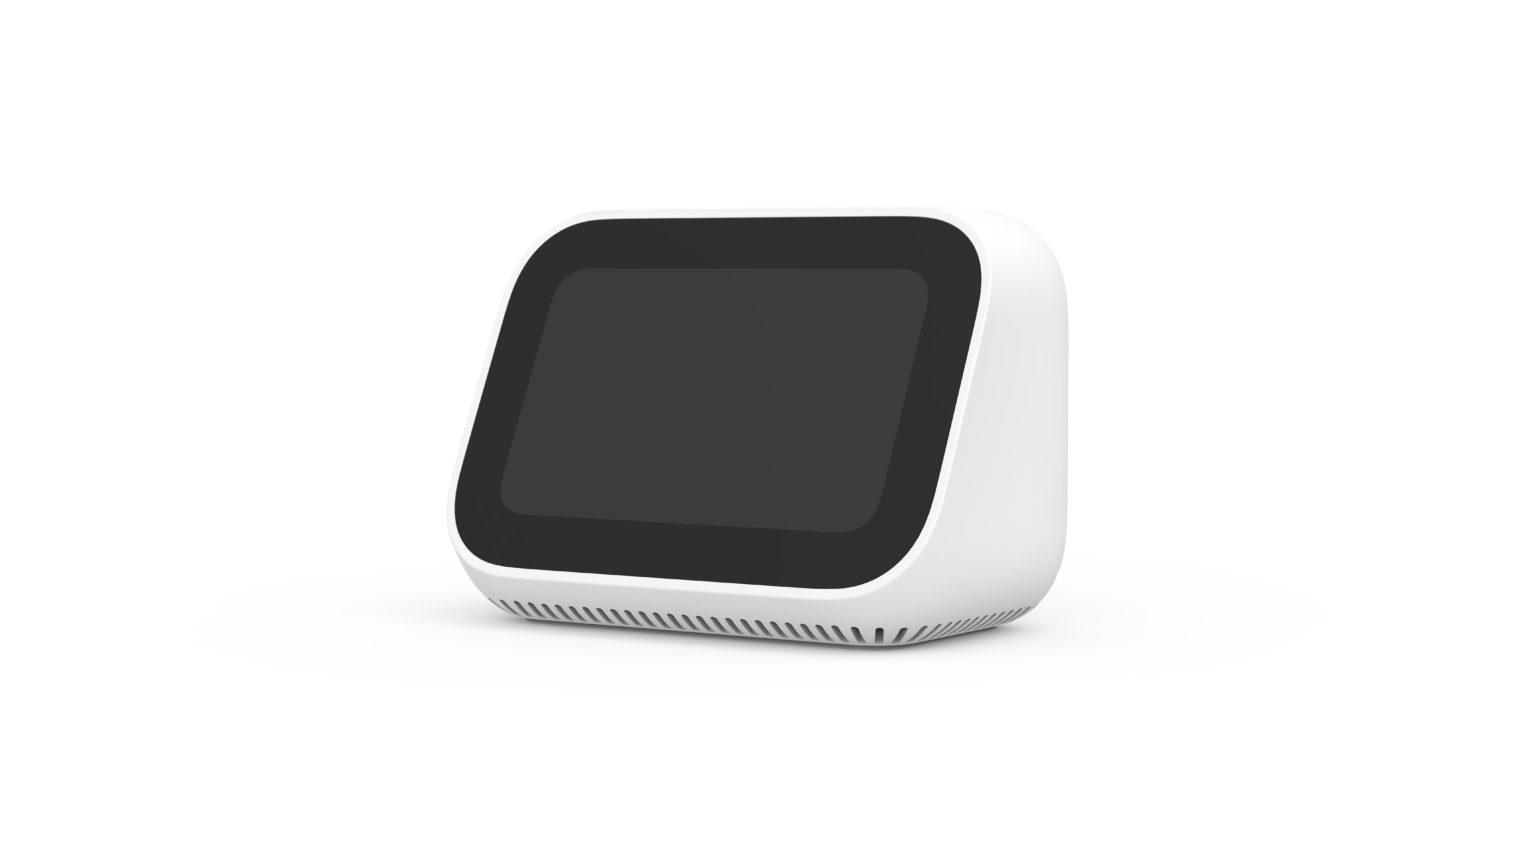 Diseño del reloj despertador Inteligente Xiaomi Mi Smart Clock